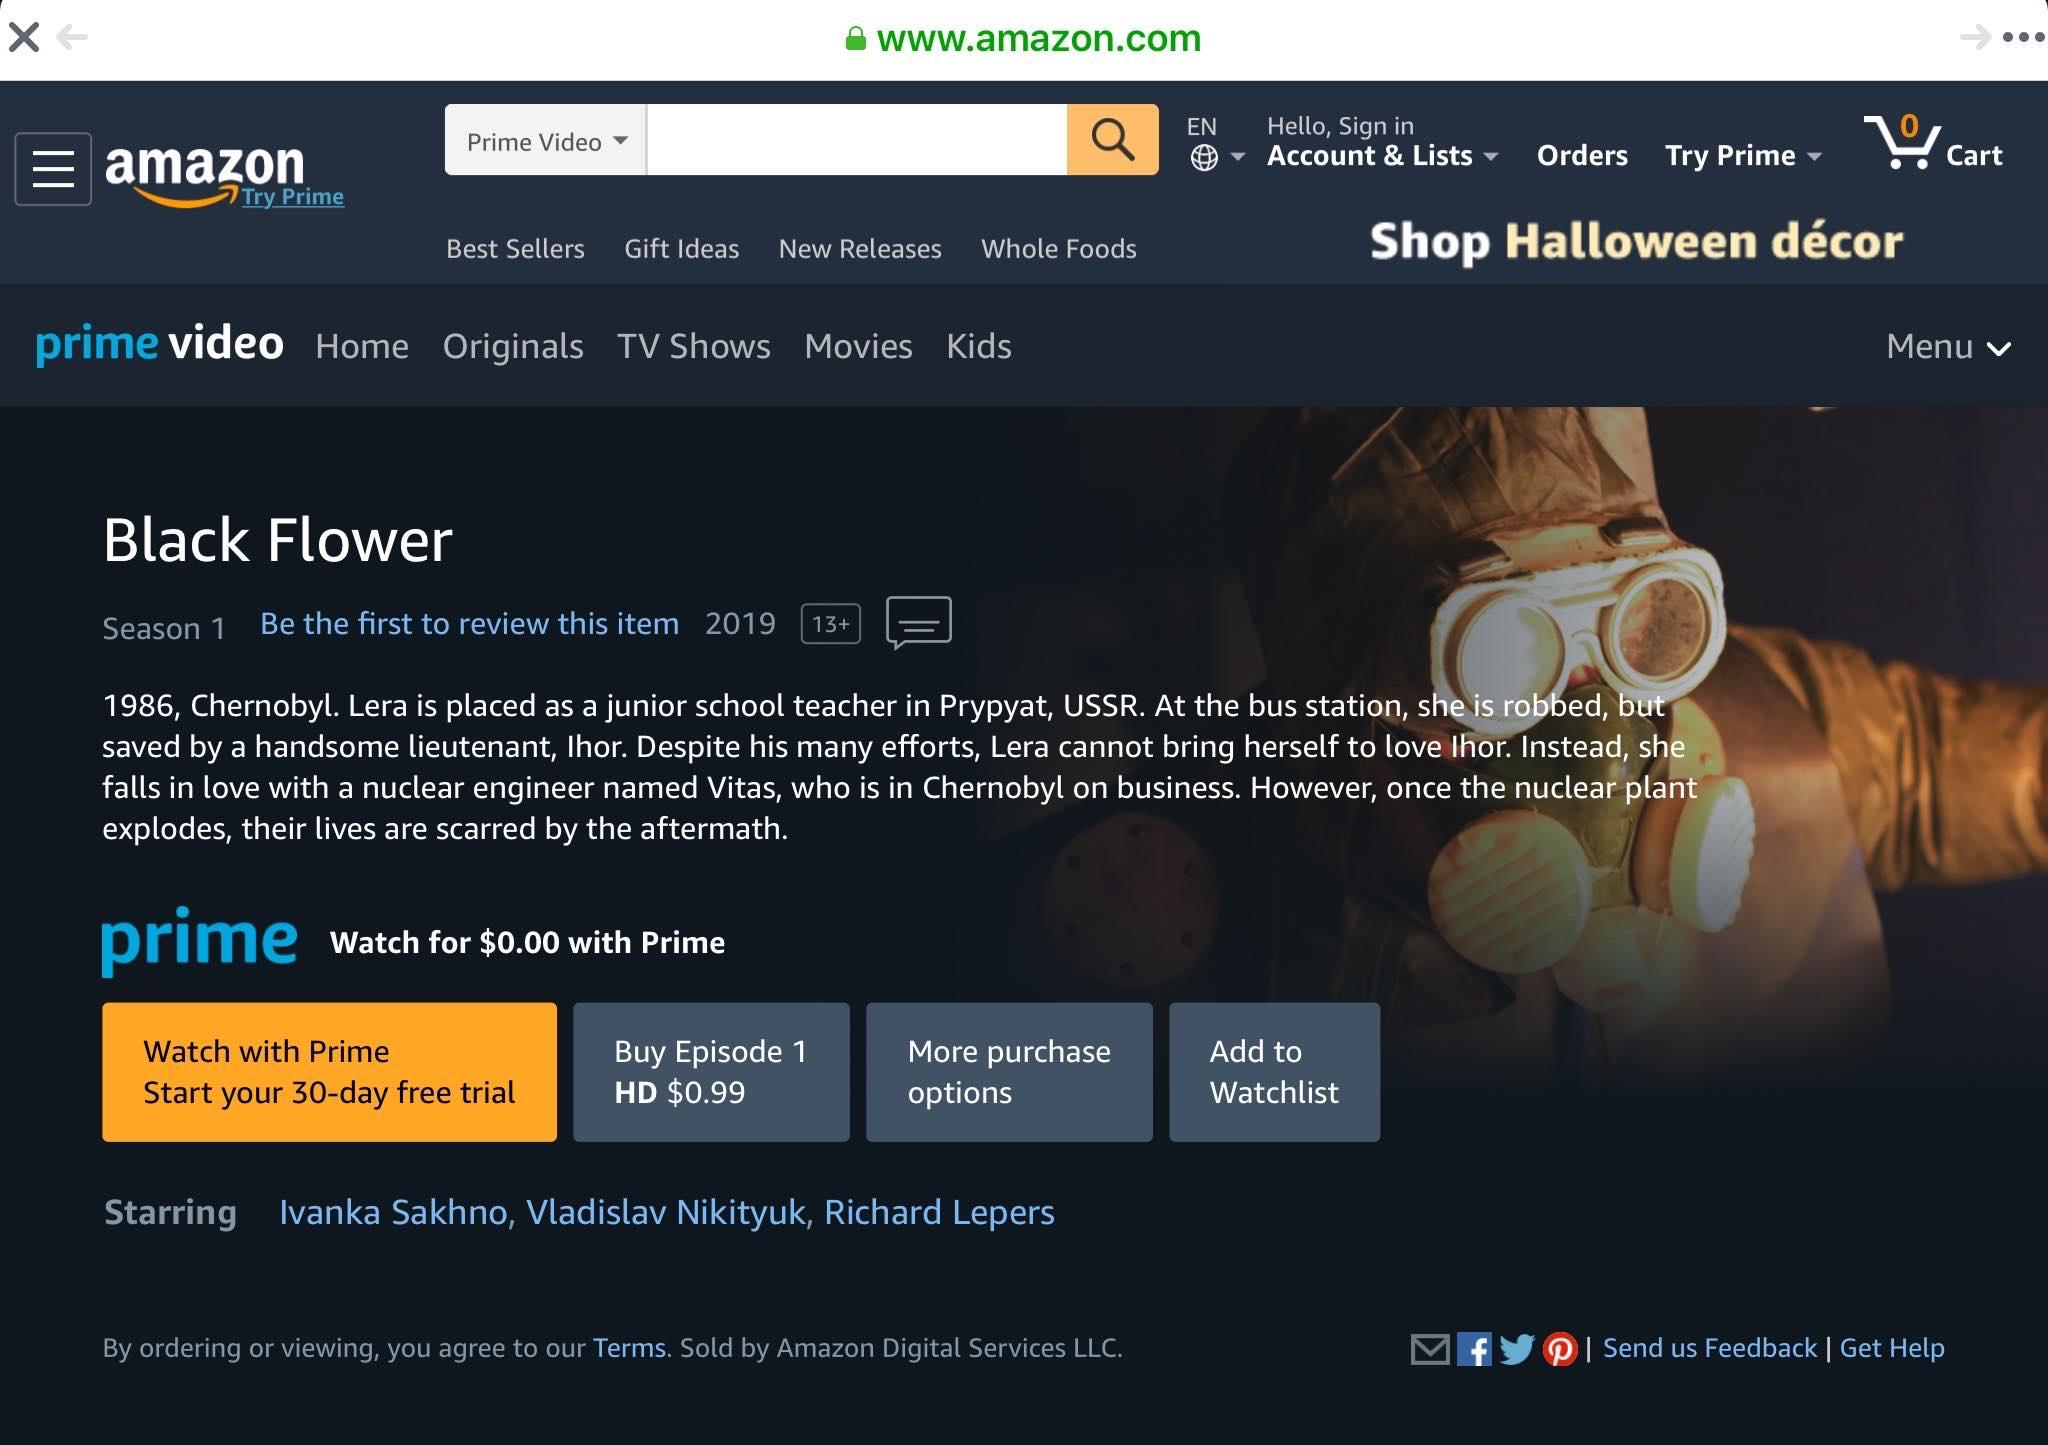 Сериал «Черный цветок» на Amazon Prime Video